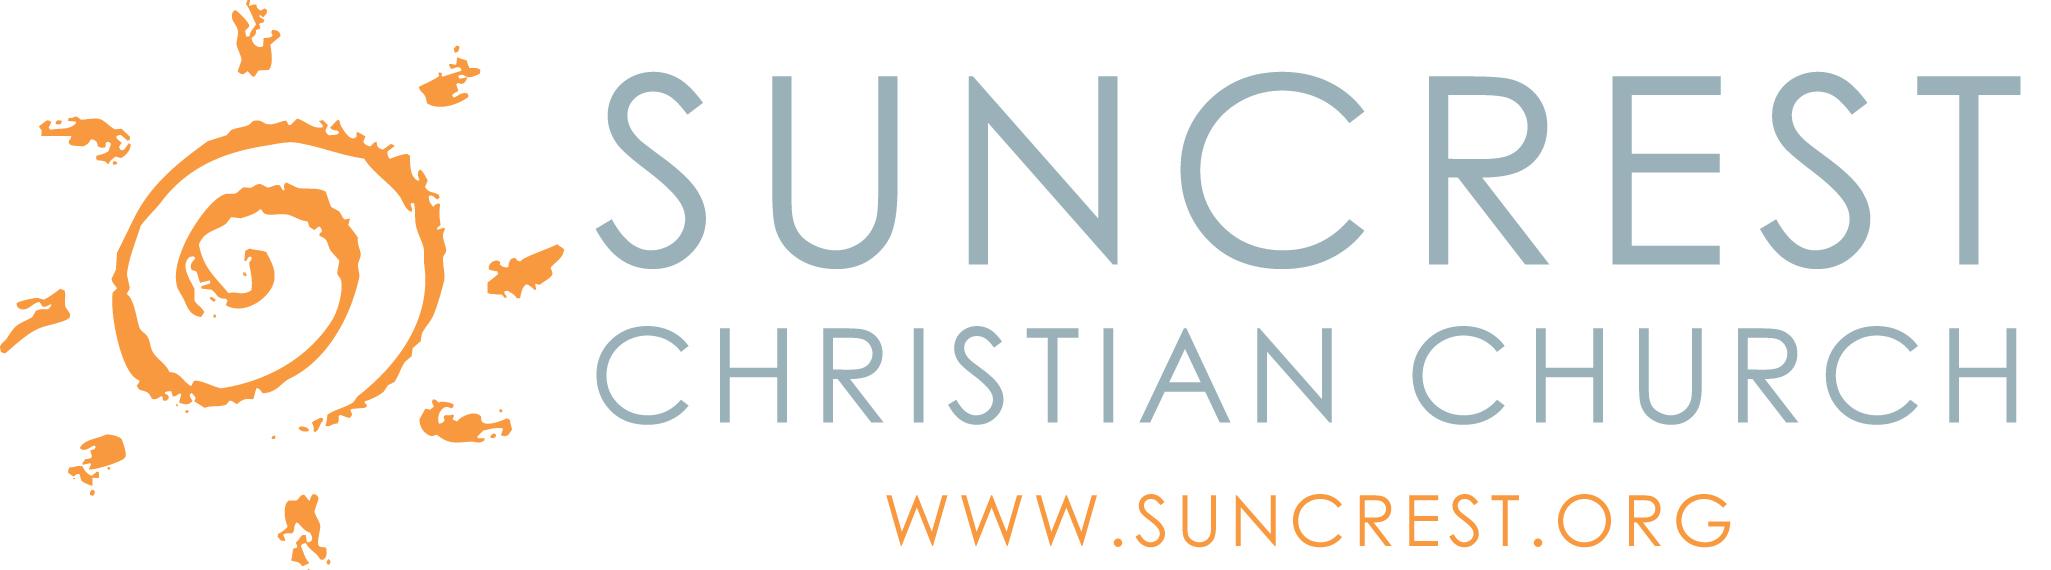 suncrest-vector-art-with-website